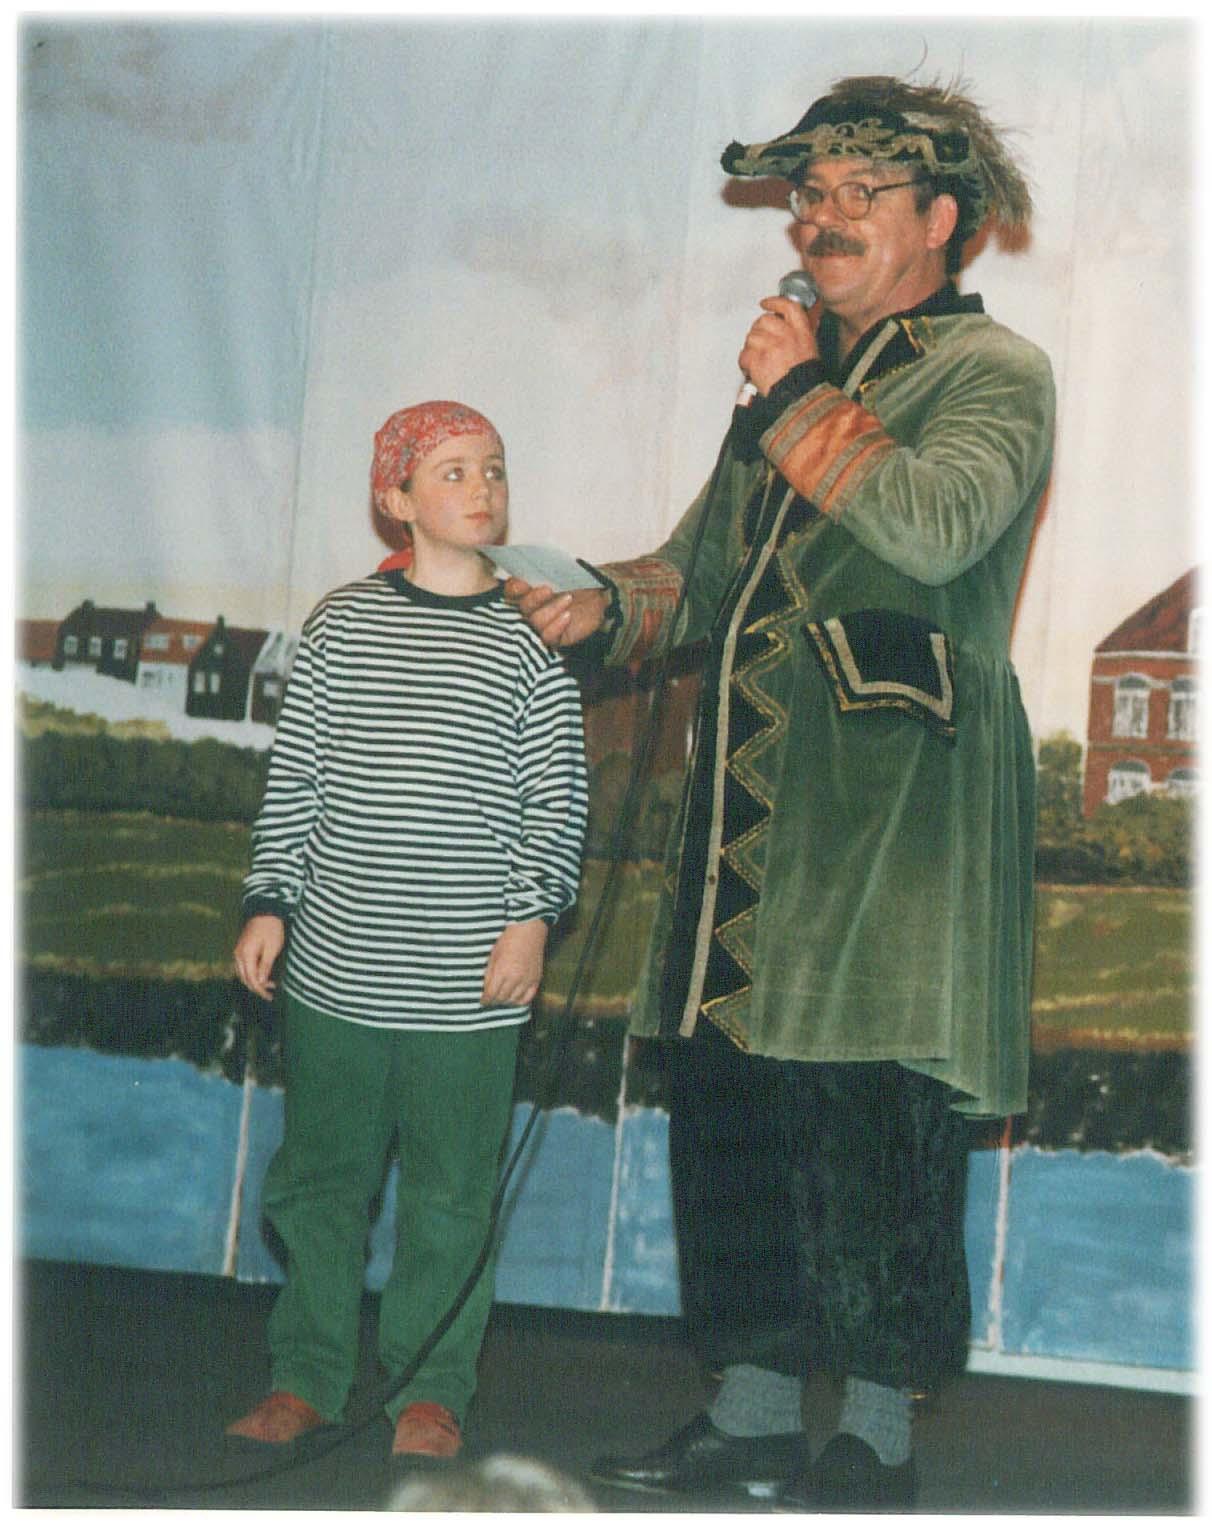 Leo samen met zijn toen 8-jarige dochter Marloes in het stuk Kapitein Zero.